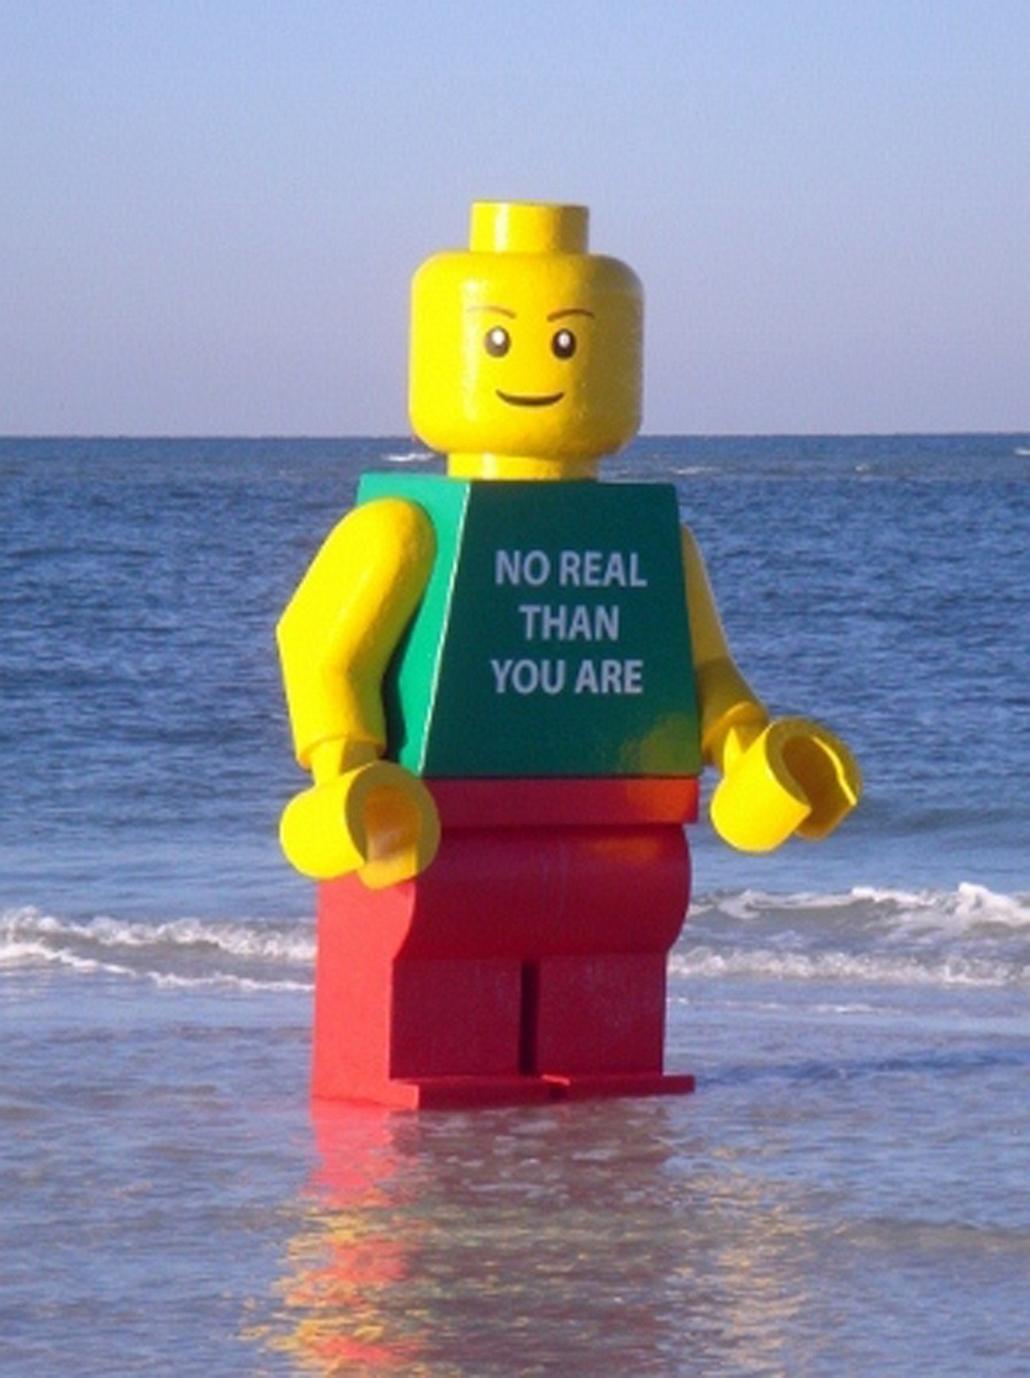 Florida - LEGO figura Sarasota partjainál. A helyi sheriff közleményben tudatta: a szobor elzárásban részesül (börtönbe kerül), míg nem jelentkeznek érte; a talált tárgyak esetében ez 90 nap. Bár a közelben